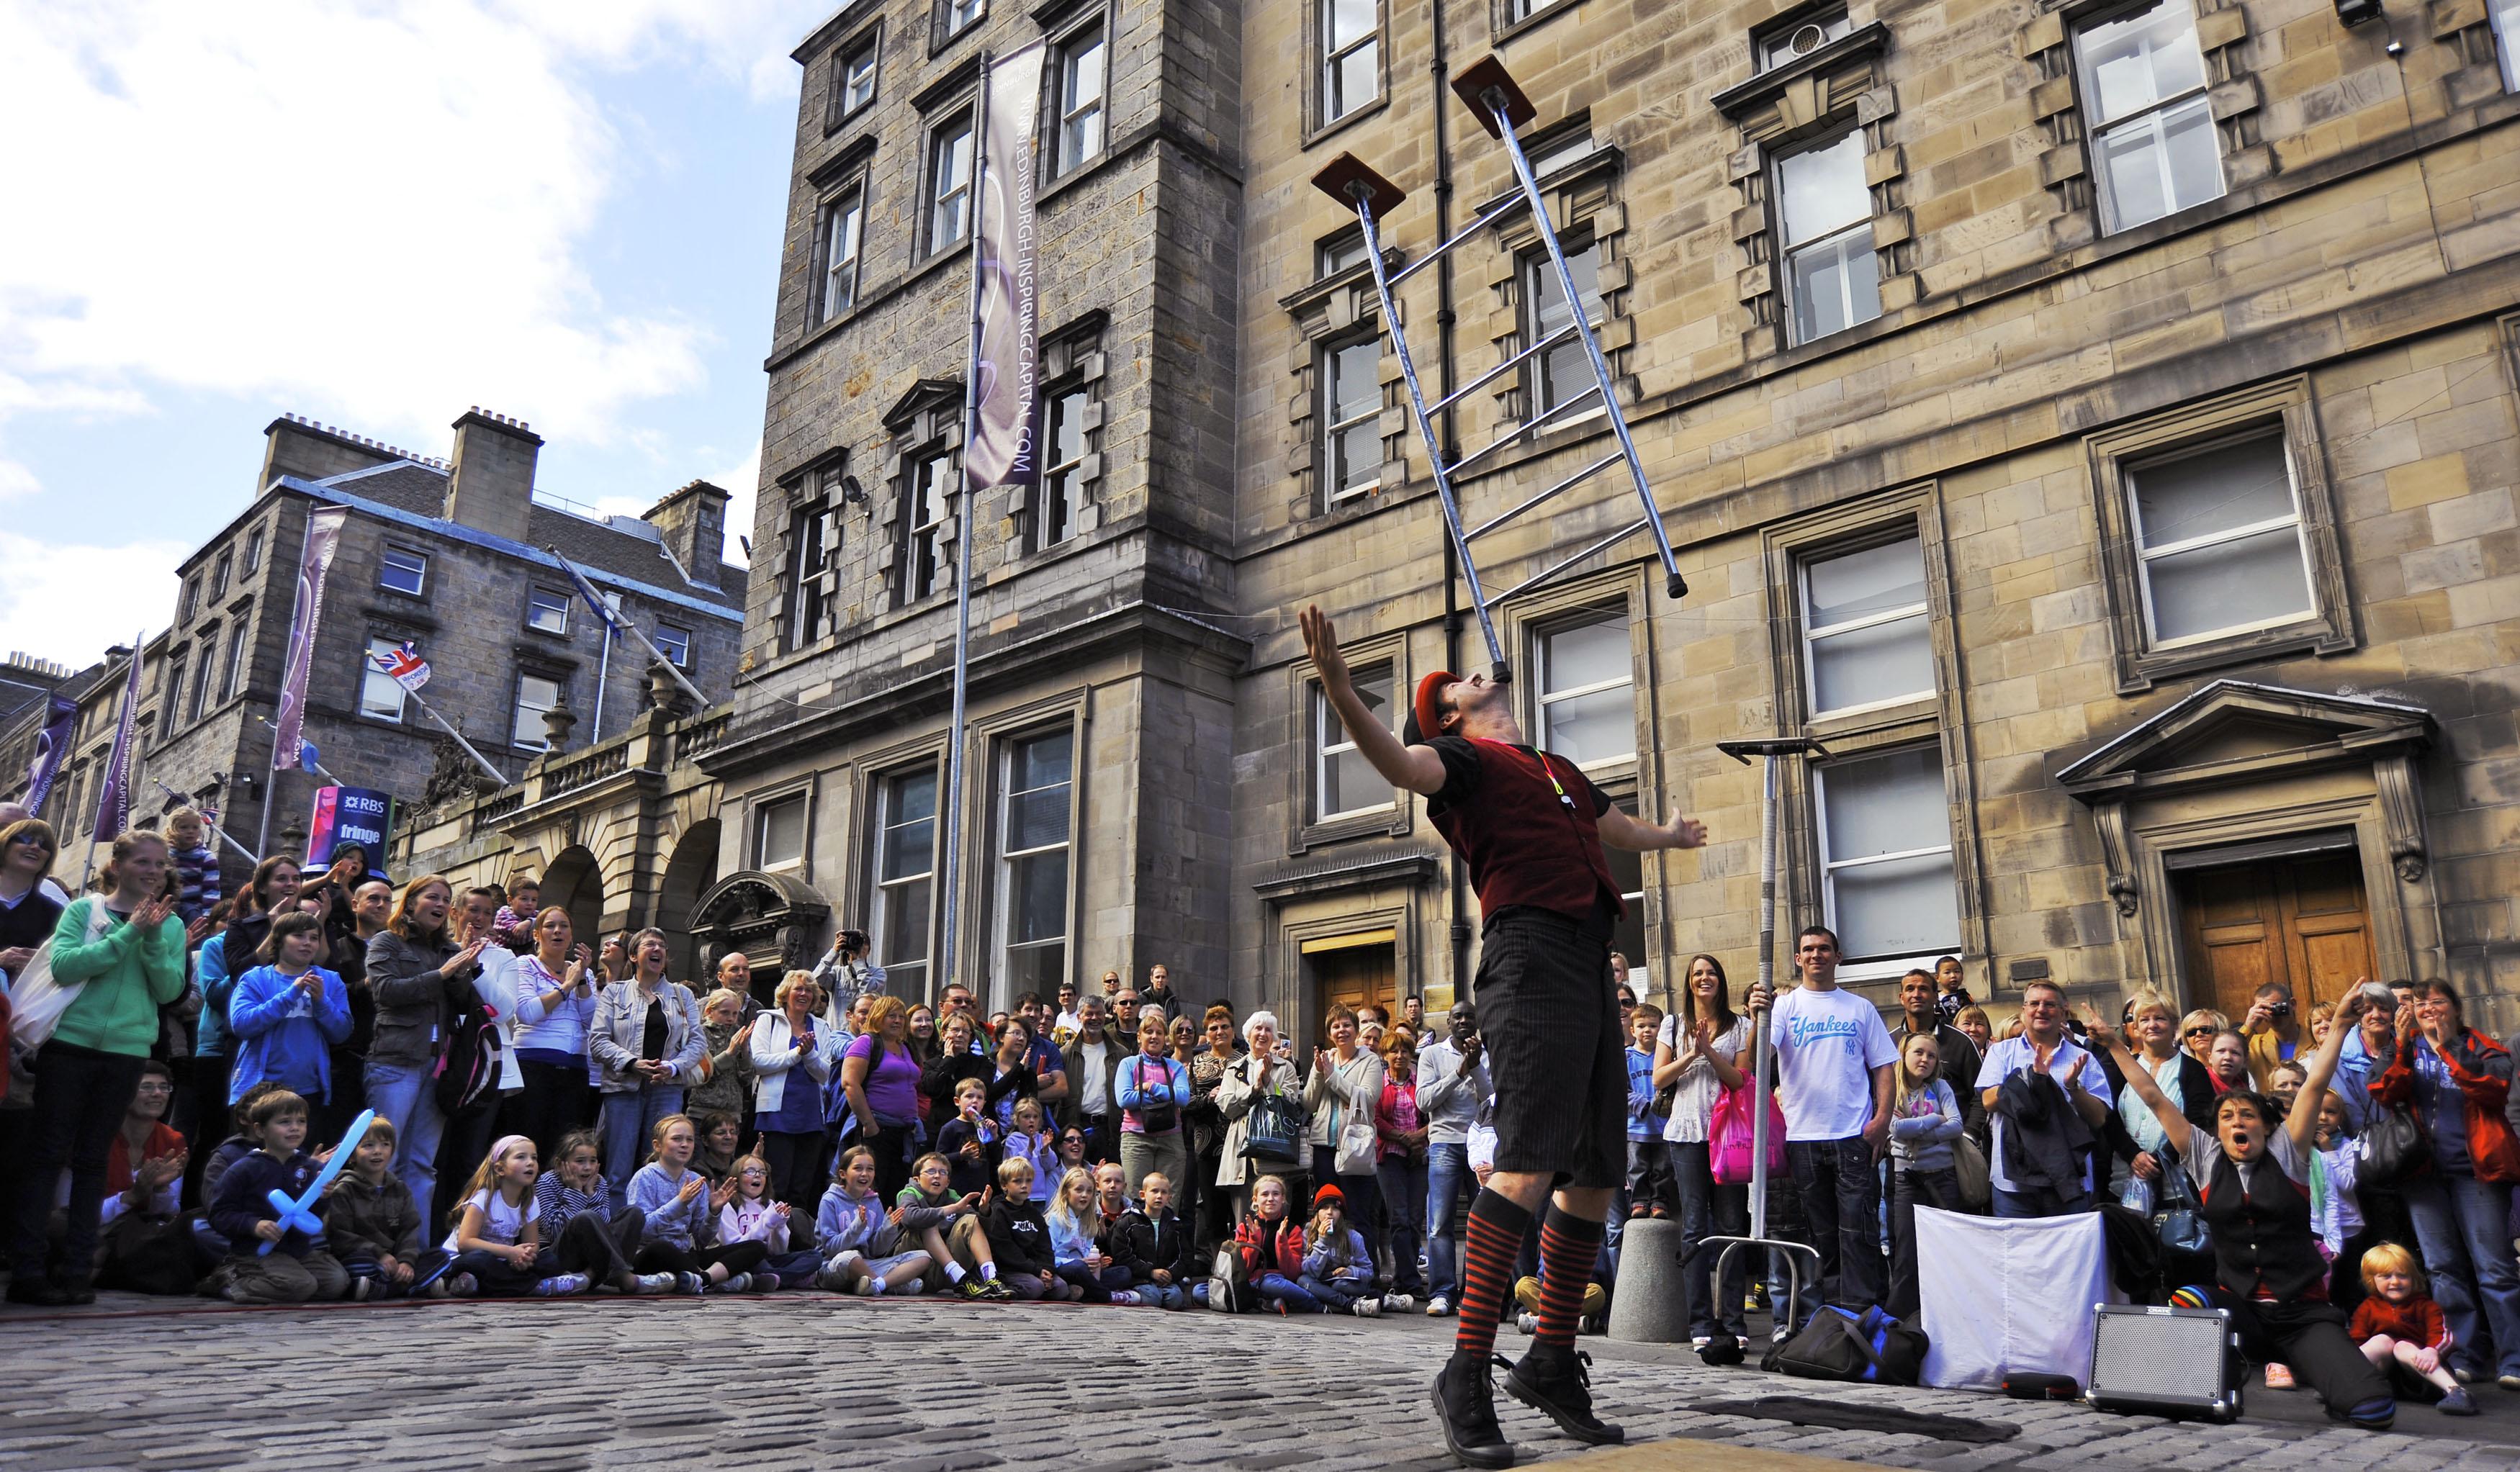 street performer on The Royal Mile @ Edinburgh Fringe Festival